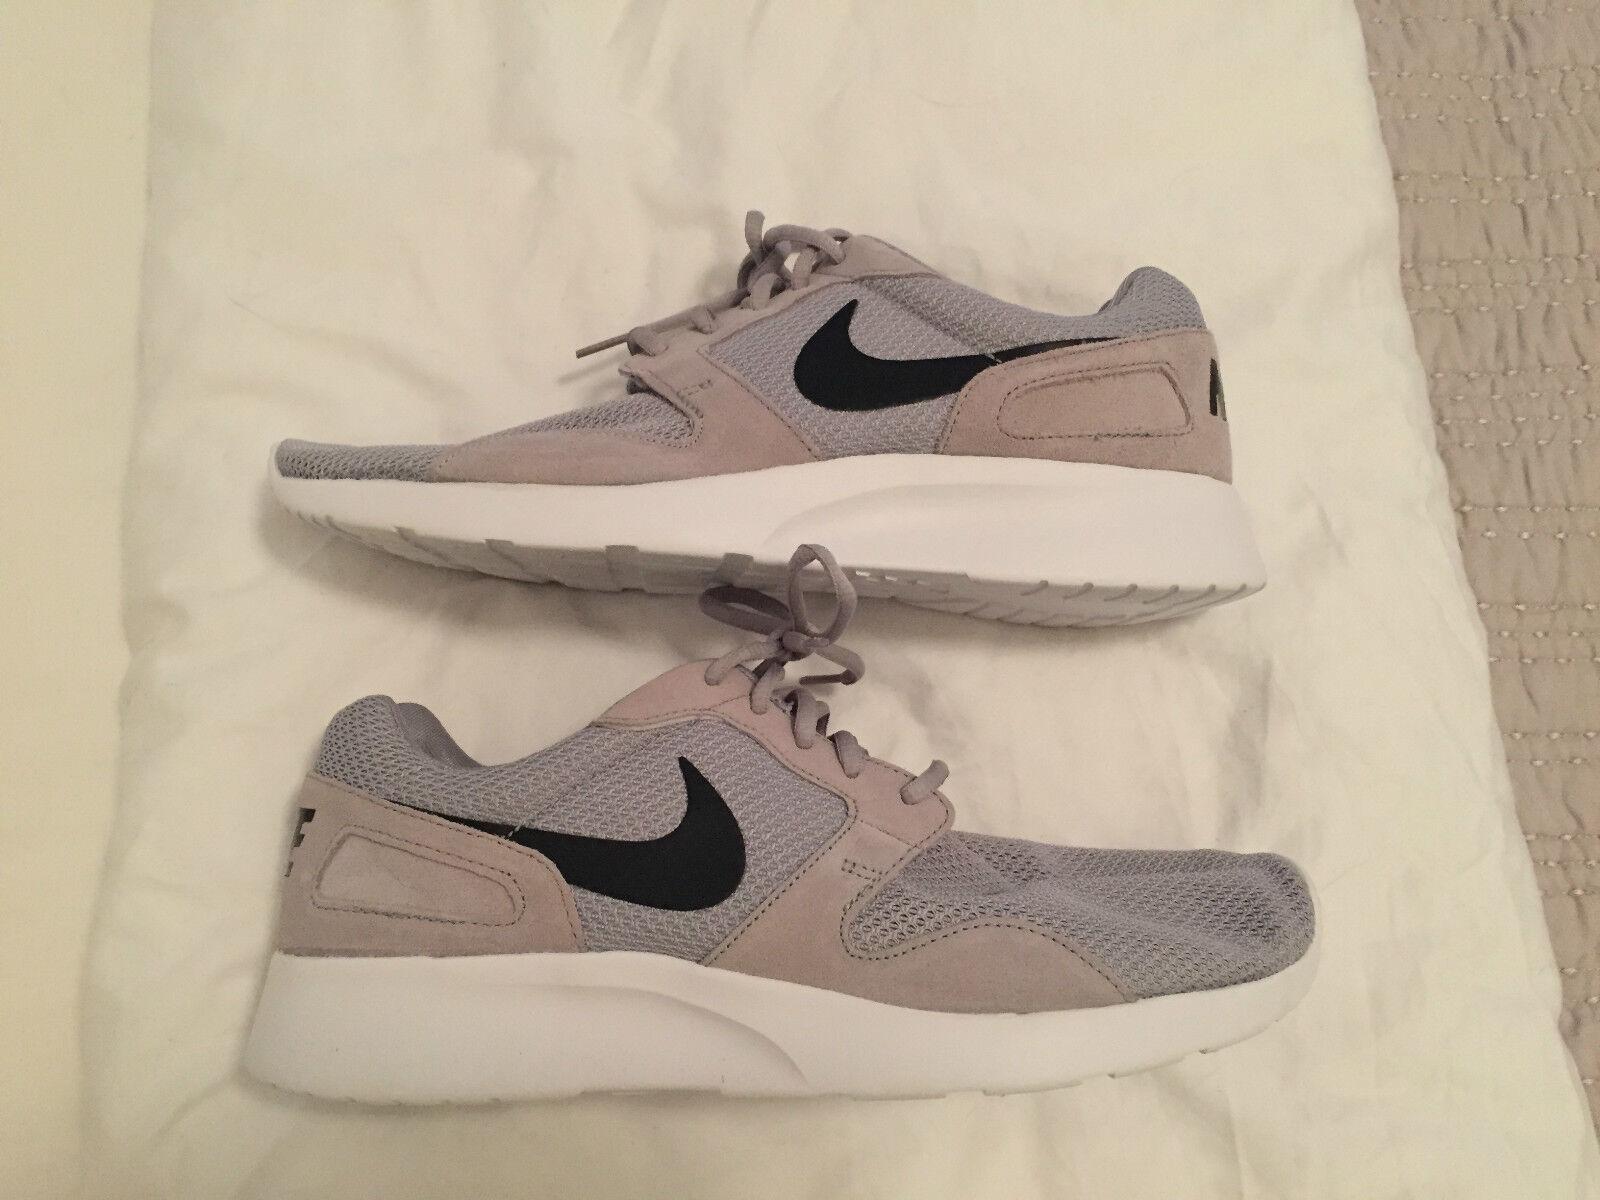 Nike Kaishi 654473-009 Sneaker Schuhe Wolf Grau Gr. 45,5 US 11,5 UK 10,5 NEU